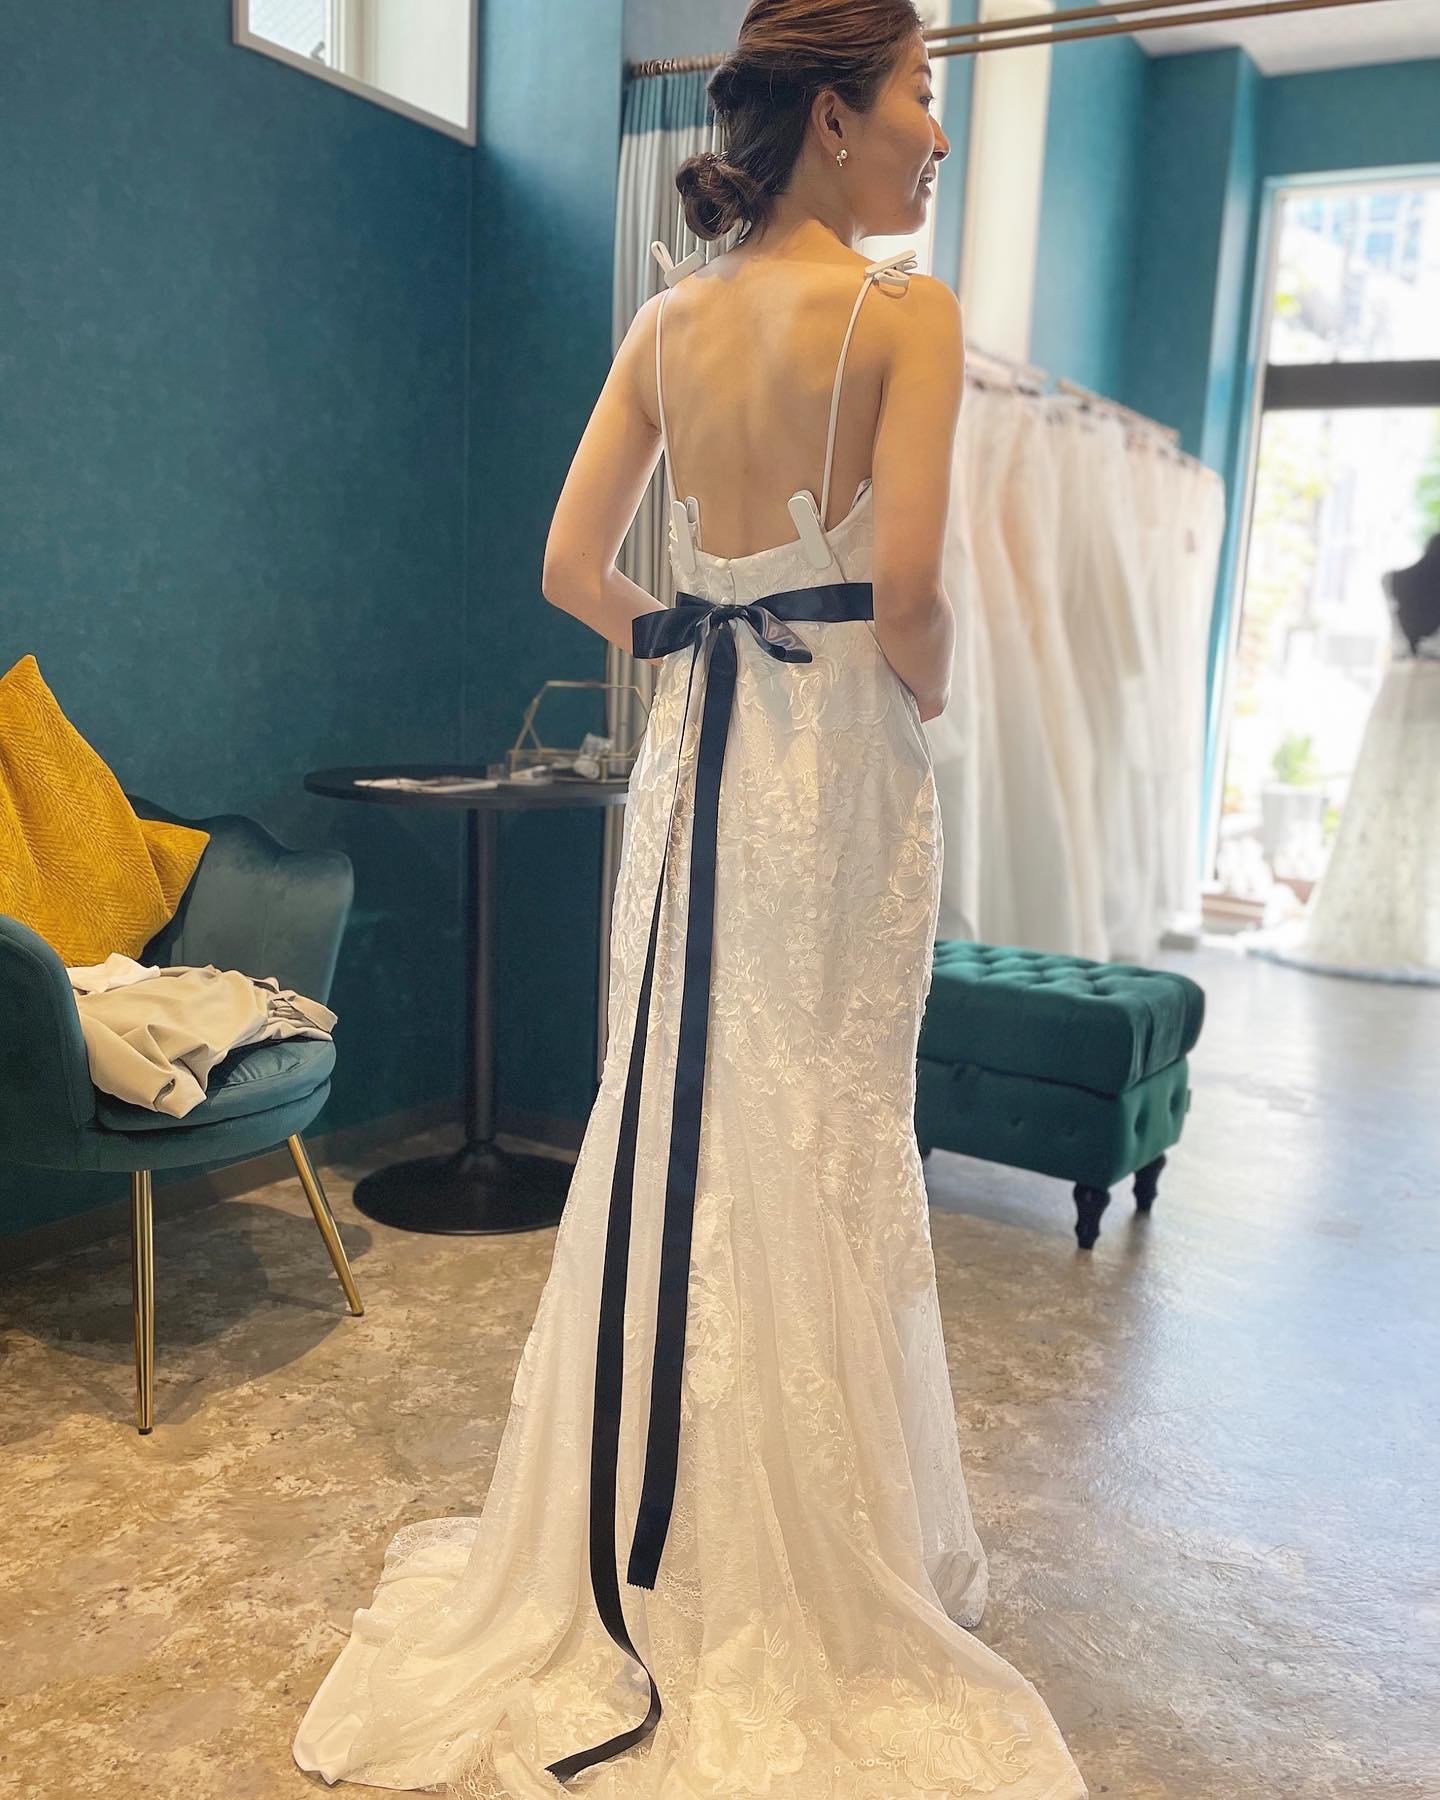 """・先日のご試着のお客様・背中が大きく開いているのに上品なフラワーモチーフの刺繍が清らかなブライズスタイルを演出🕊とっても希少デザインのドレスです・さらにボレロアレンジで肌の透け感が品良くクラシカルな演出も・Clarasにはアレンジアイテムが沢山あるので一着のドレスをとことん楽しみましょう・""""dress08-4066""""購入価格¥260,000""""bolero EG19""""購入価格¥13,000・#wedding #weddingdress #instagood #instalike #claras #paris #vowrenewal#ウェディングドレス #プレ花嫁 #ドレス試着 #ドレス迷子#2021冬婚 #ヘアメイク #結婚式  #ドレス選び #前撮り #インポートドレス #フォトウェディング #ウェディングヘア  #フォト婚 #ニューノーマル #ブライダルフォト #カップルフォト #ウェディングドレス探し #ウェディングドレス試着 #セルドレス #ドレスショップ #バウリニューアル #ボレロ付きドレス #試着レポ"""